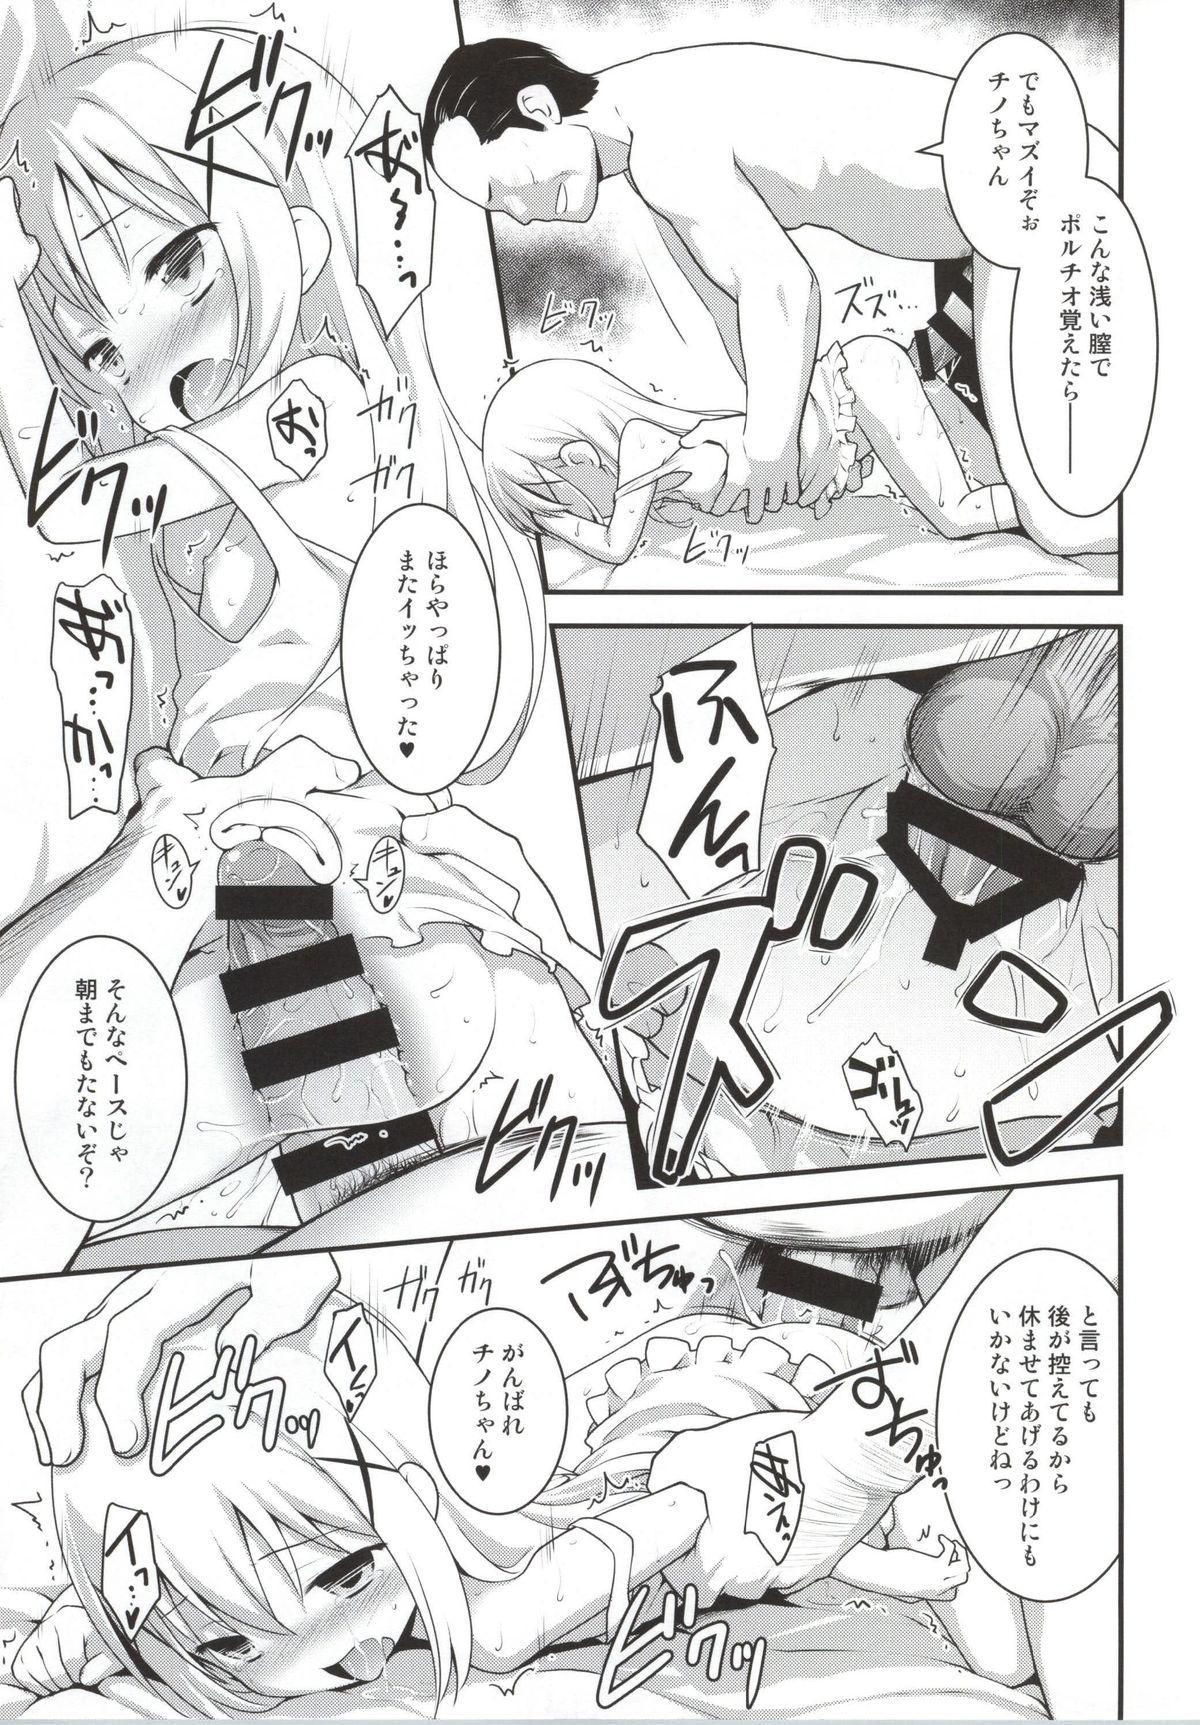 Gochuumon wa Shitagi desu ka? 19